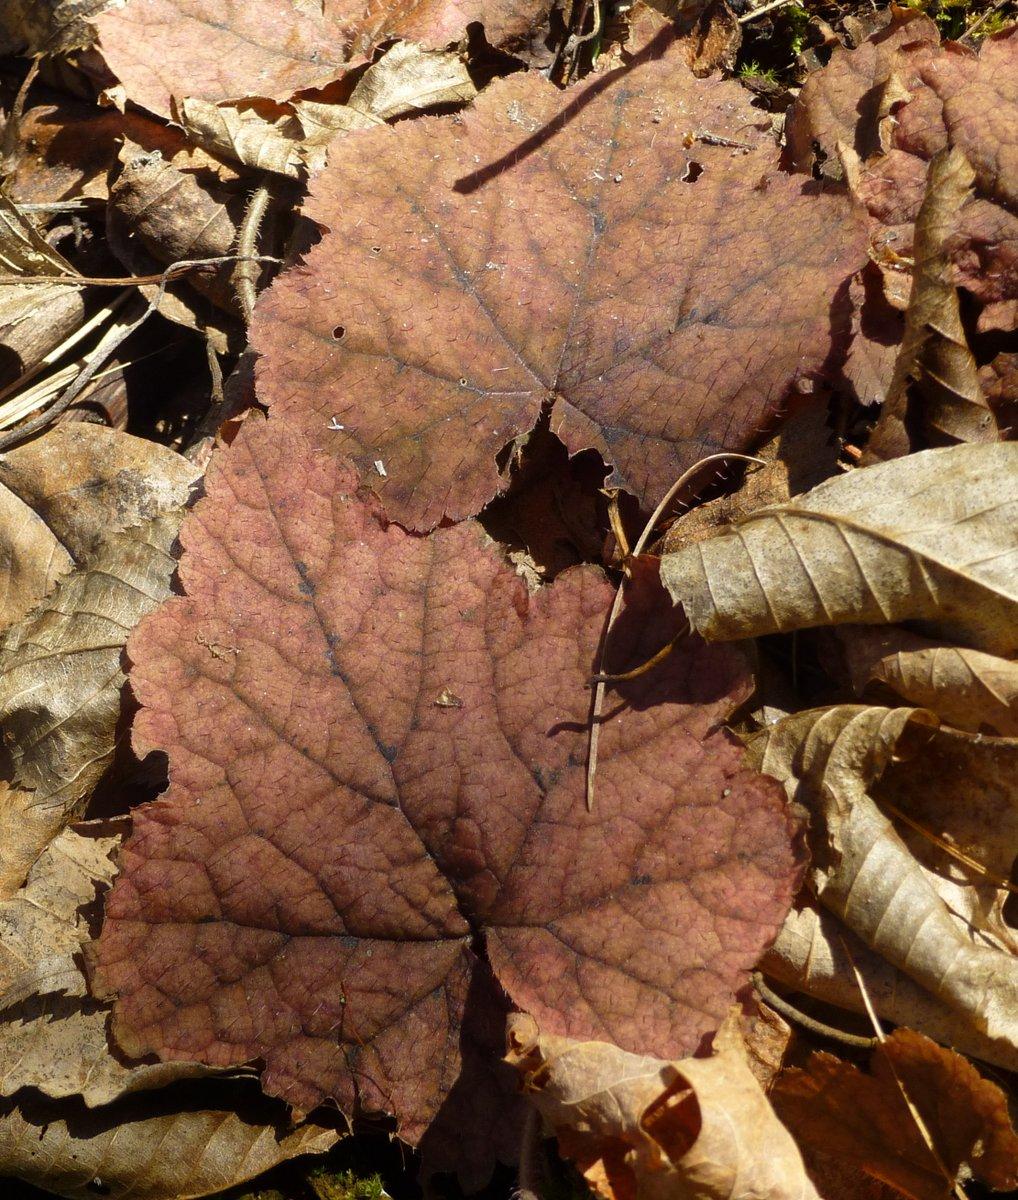 4. Foam Flower Leaves